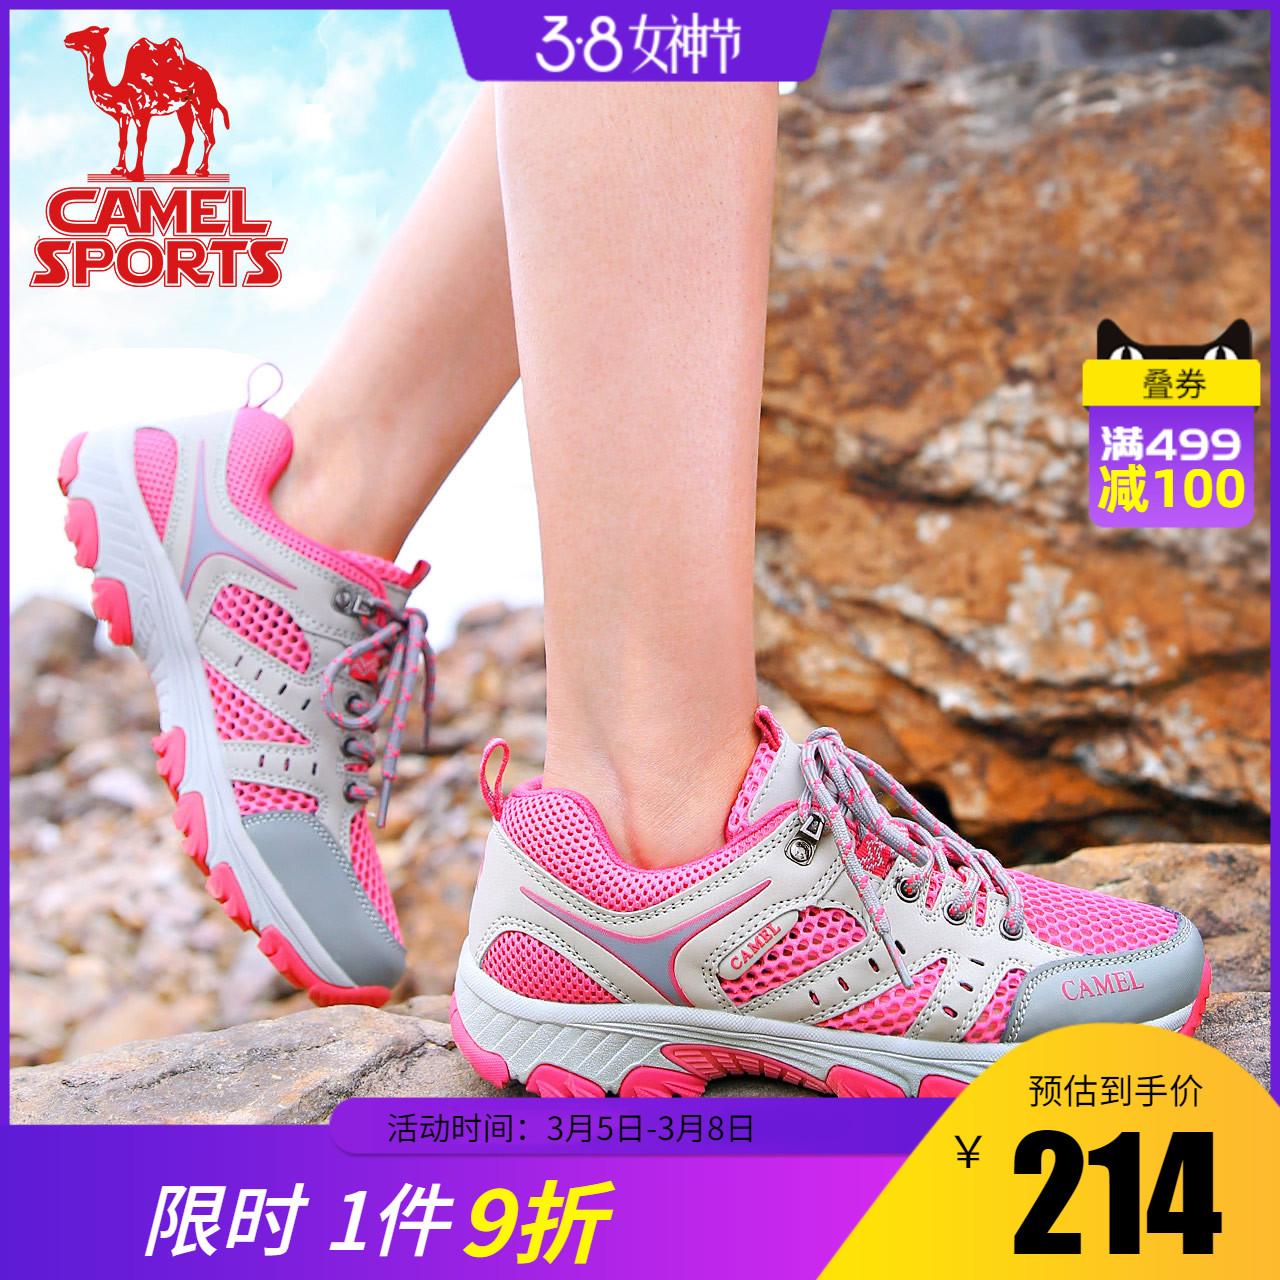 骆驼户外登山鞋男女夏季透气耐磨防滑低帮女鞋徒步鞋网鞋秋冬徒步